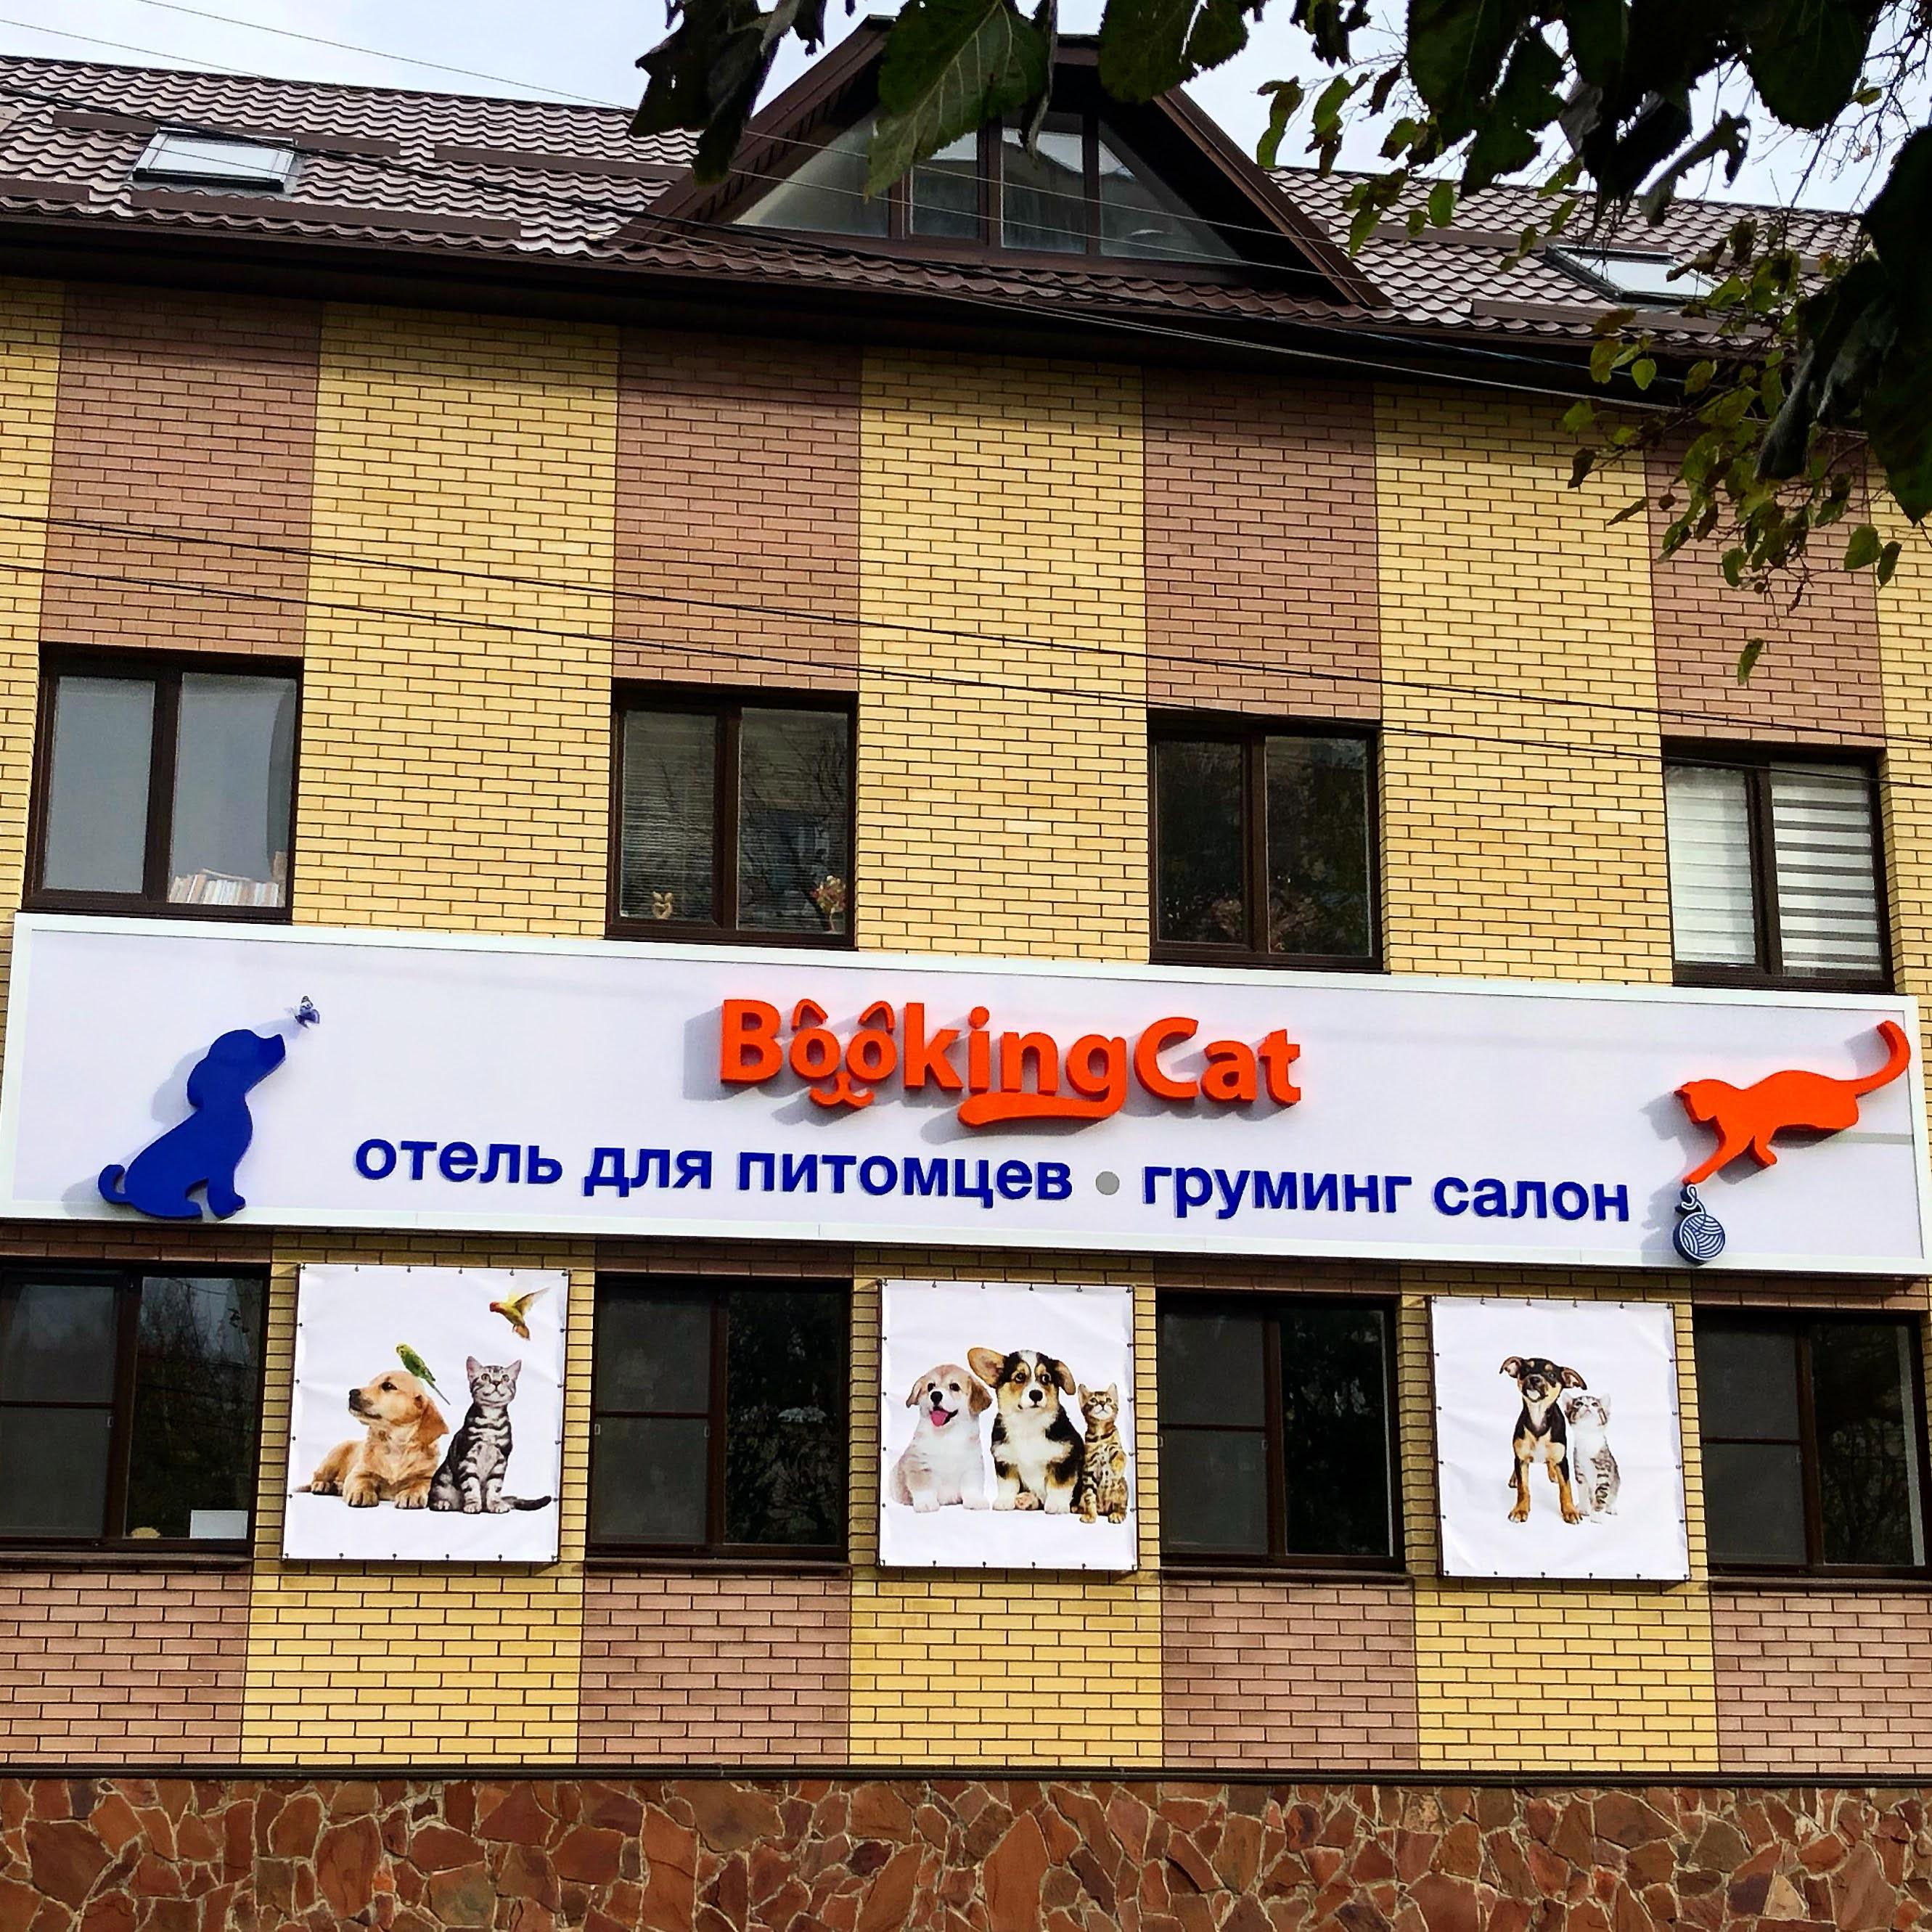 Bookingcat Ставрополь на Некрасова